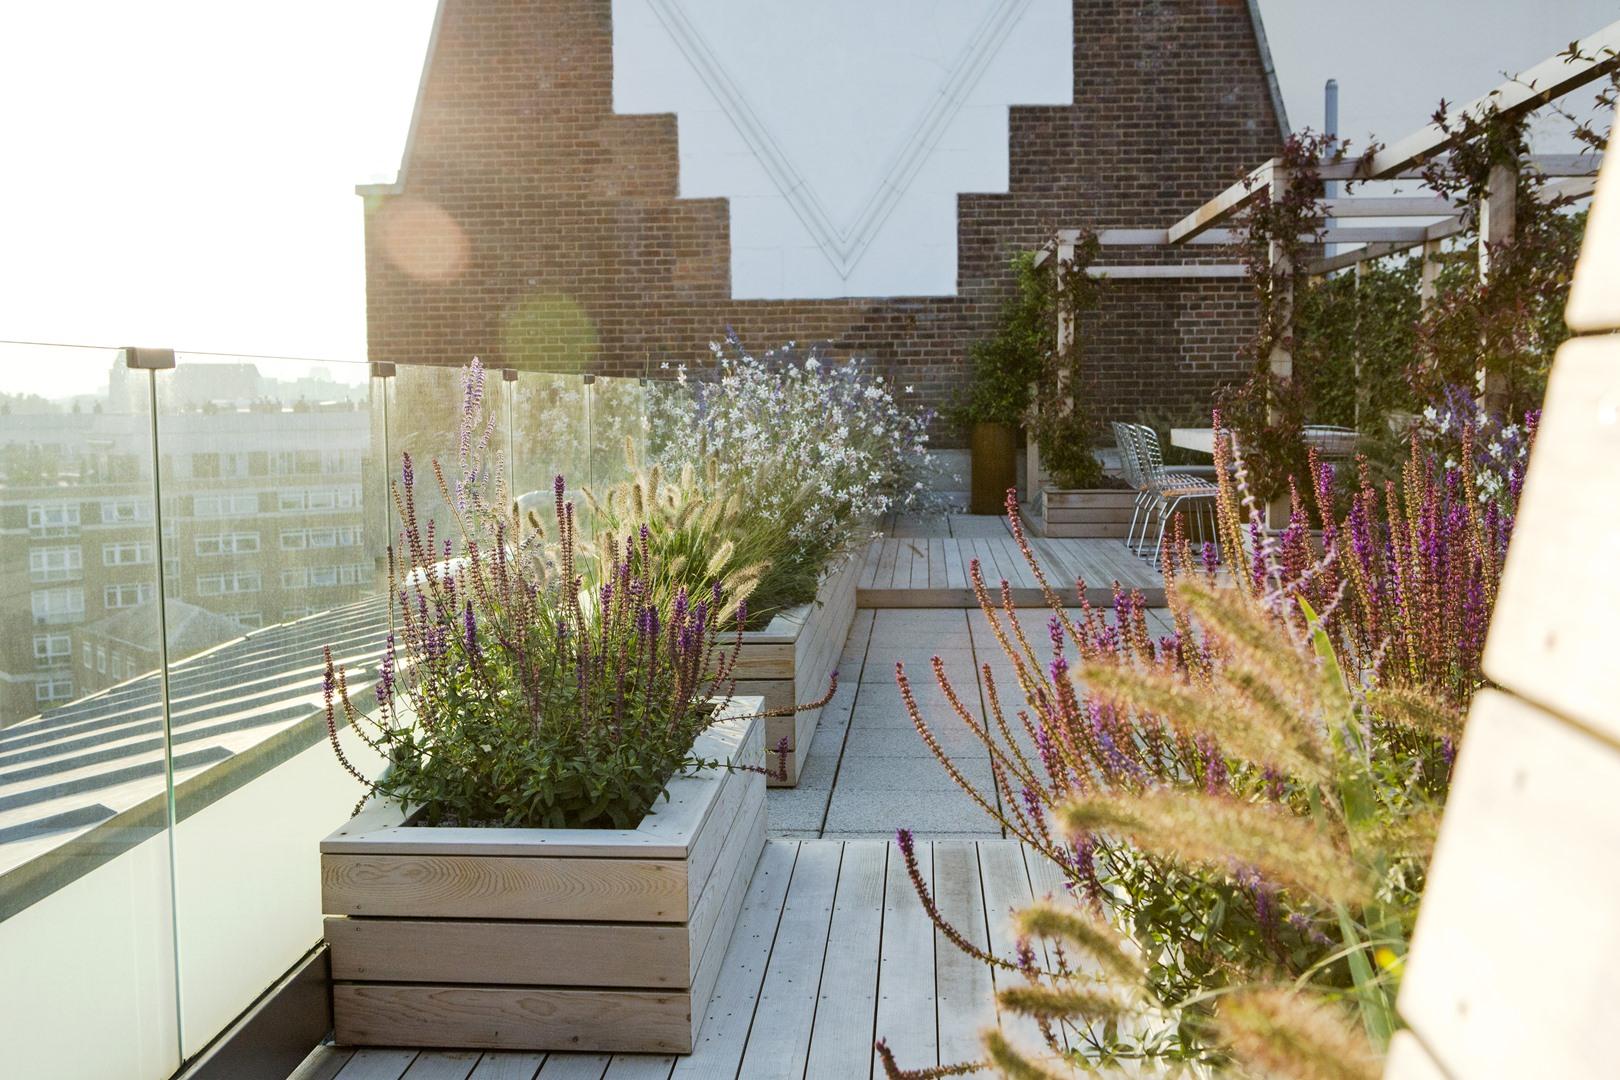 allsop place garden-8104 (Copy)